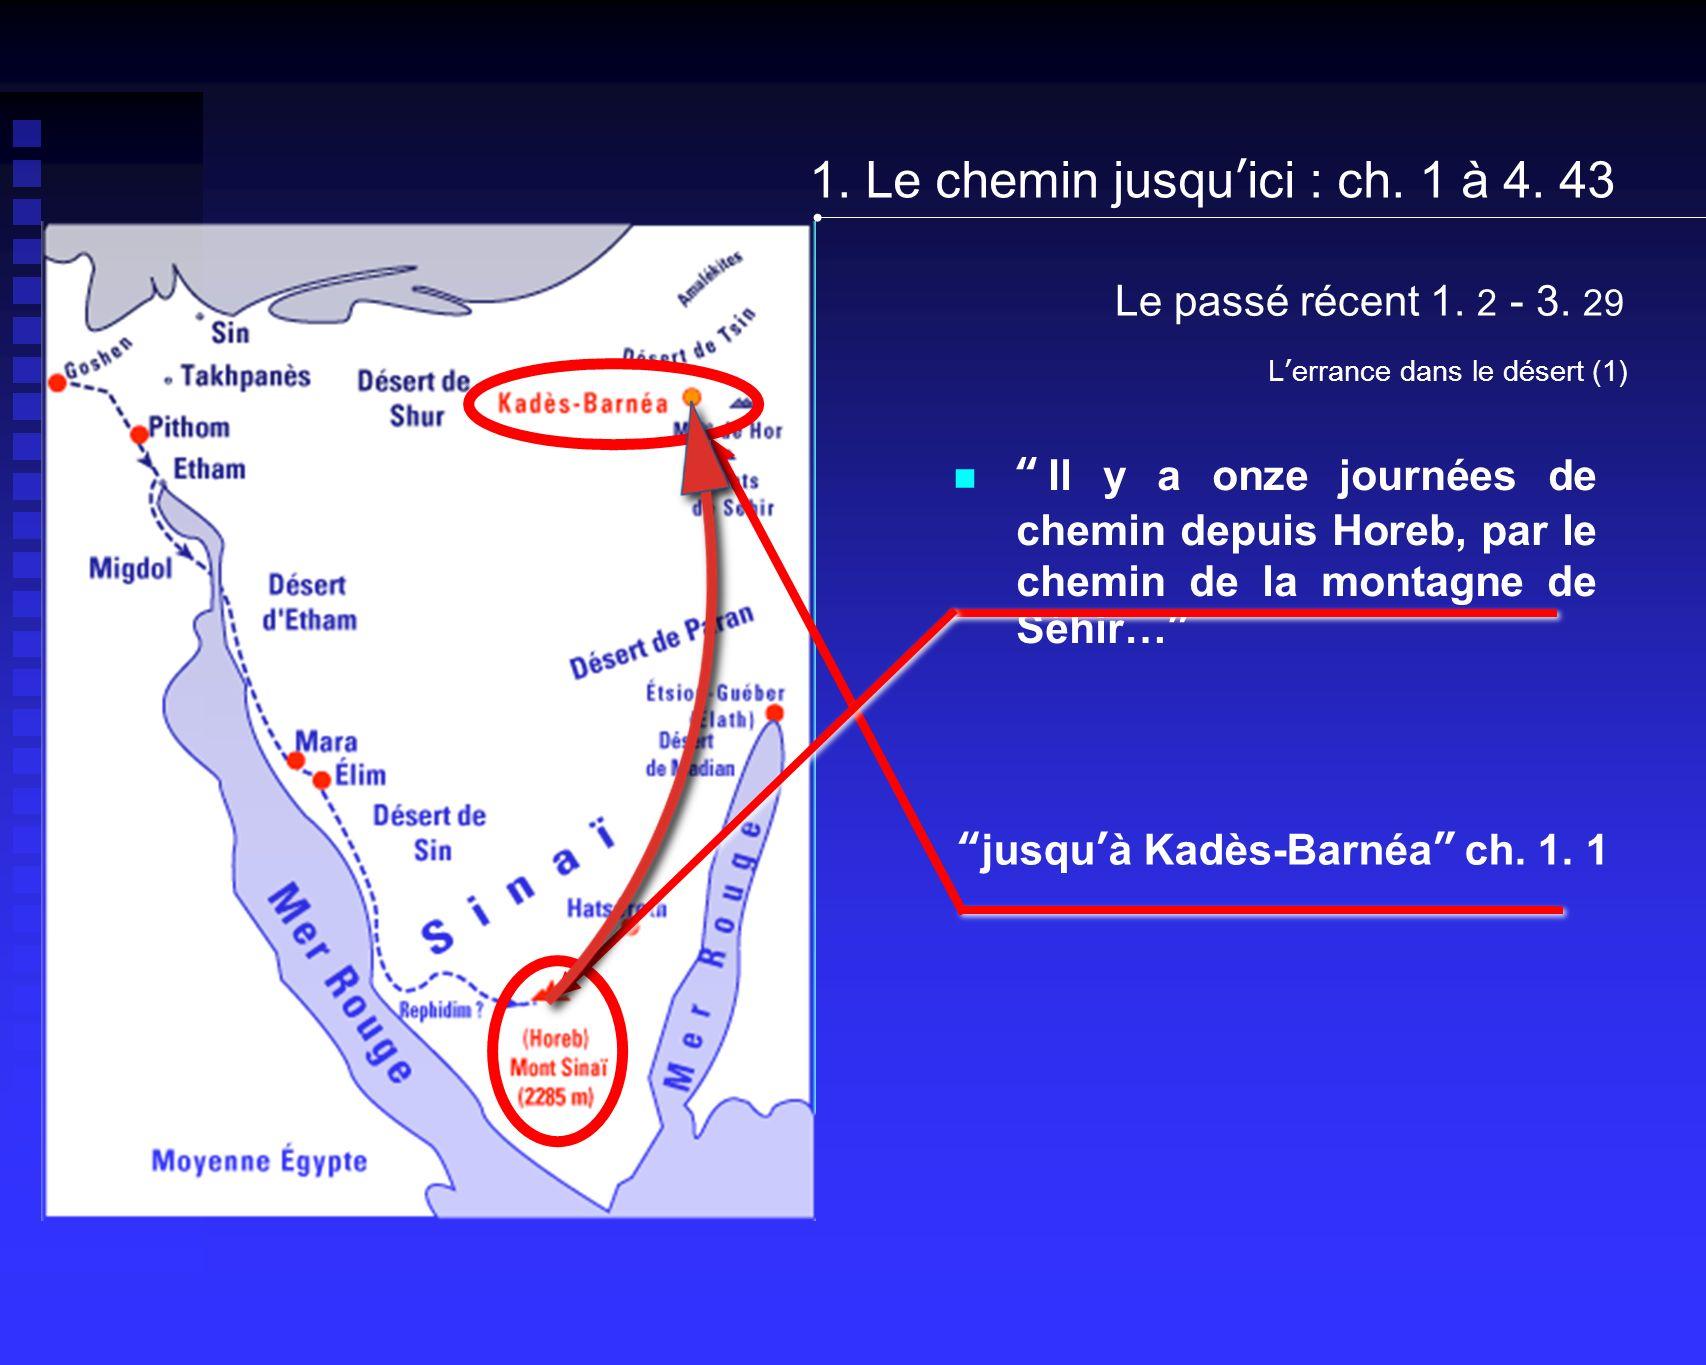 Le passé récent 1. 2 - 3. 29 Il y a onze journées de chemin depuis Horeb, par le chemin de la montagne de Séhir… jusquà Kadès-Barnéa ch. 1. 1 Lerrance